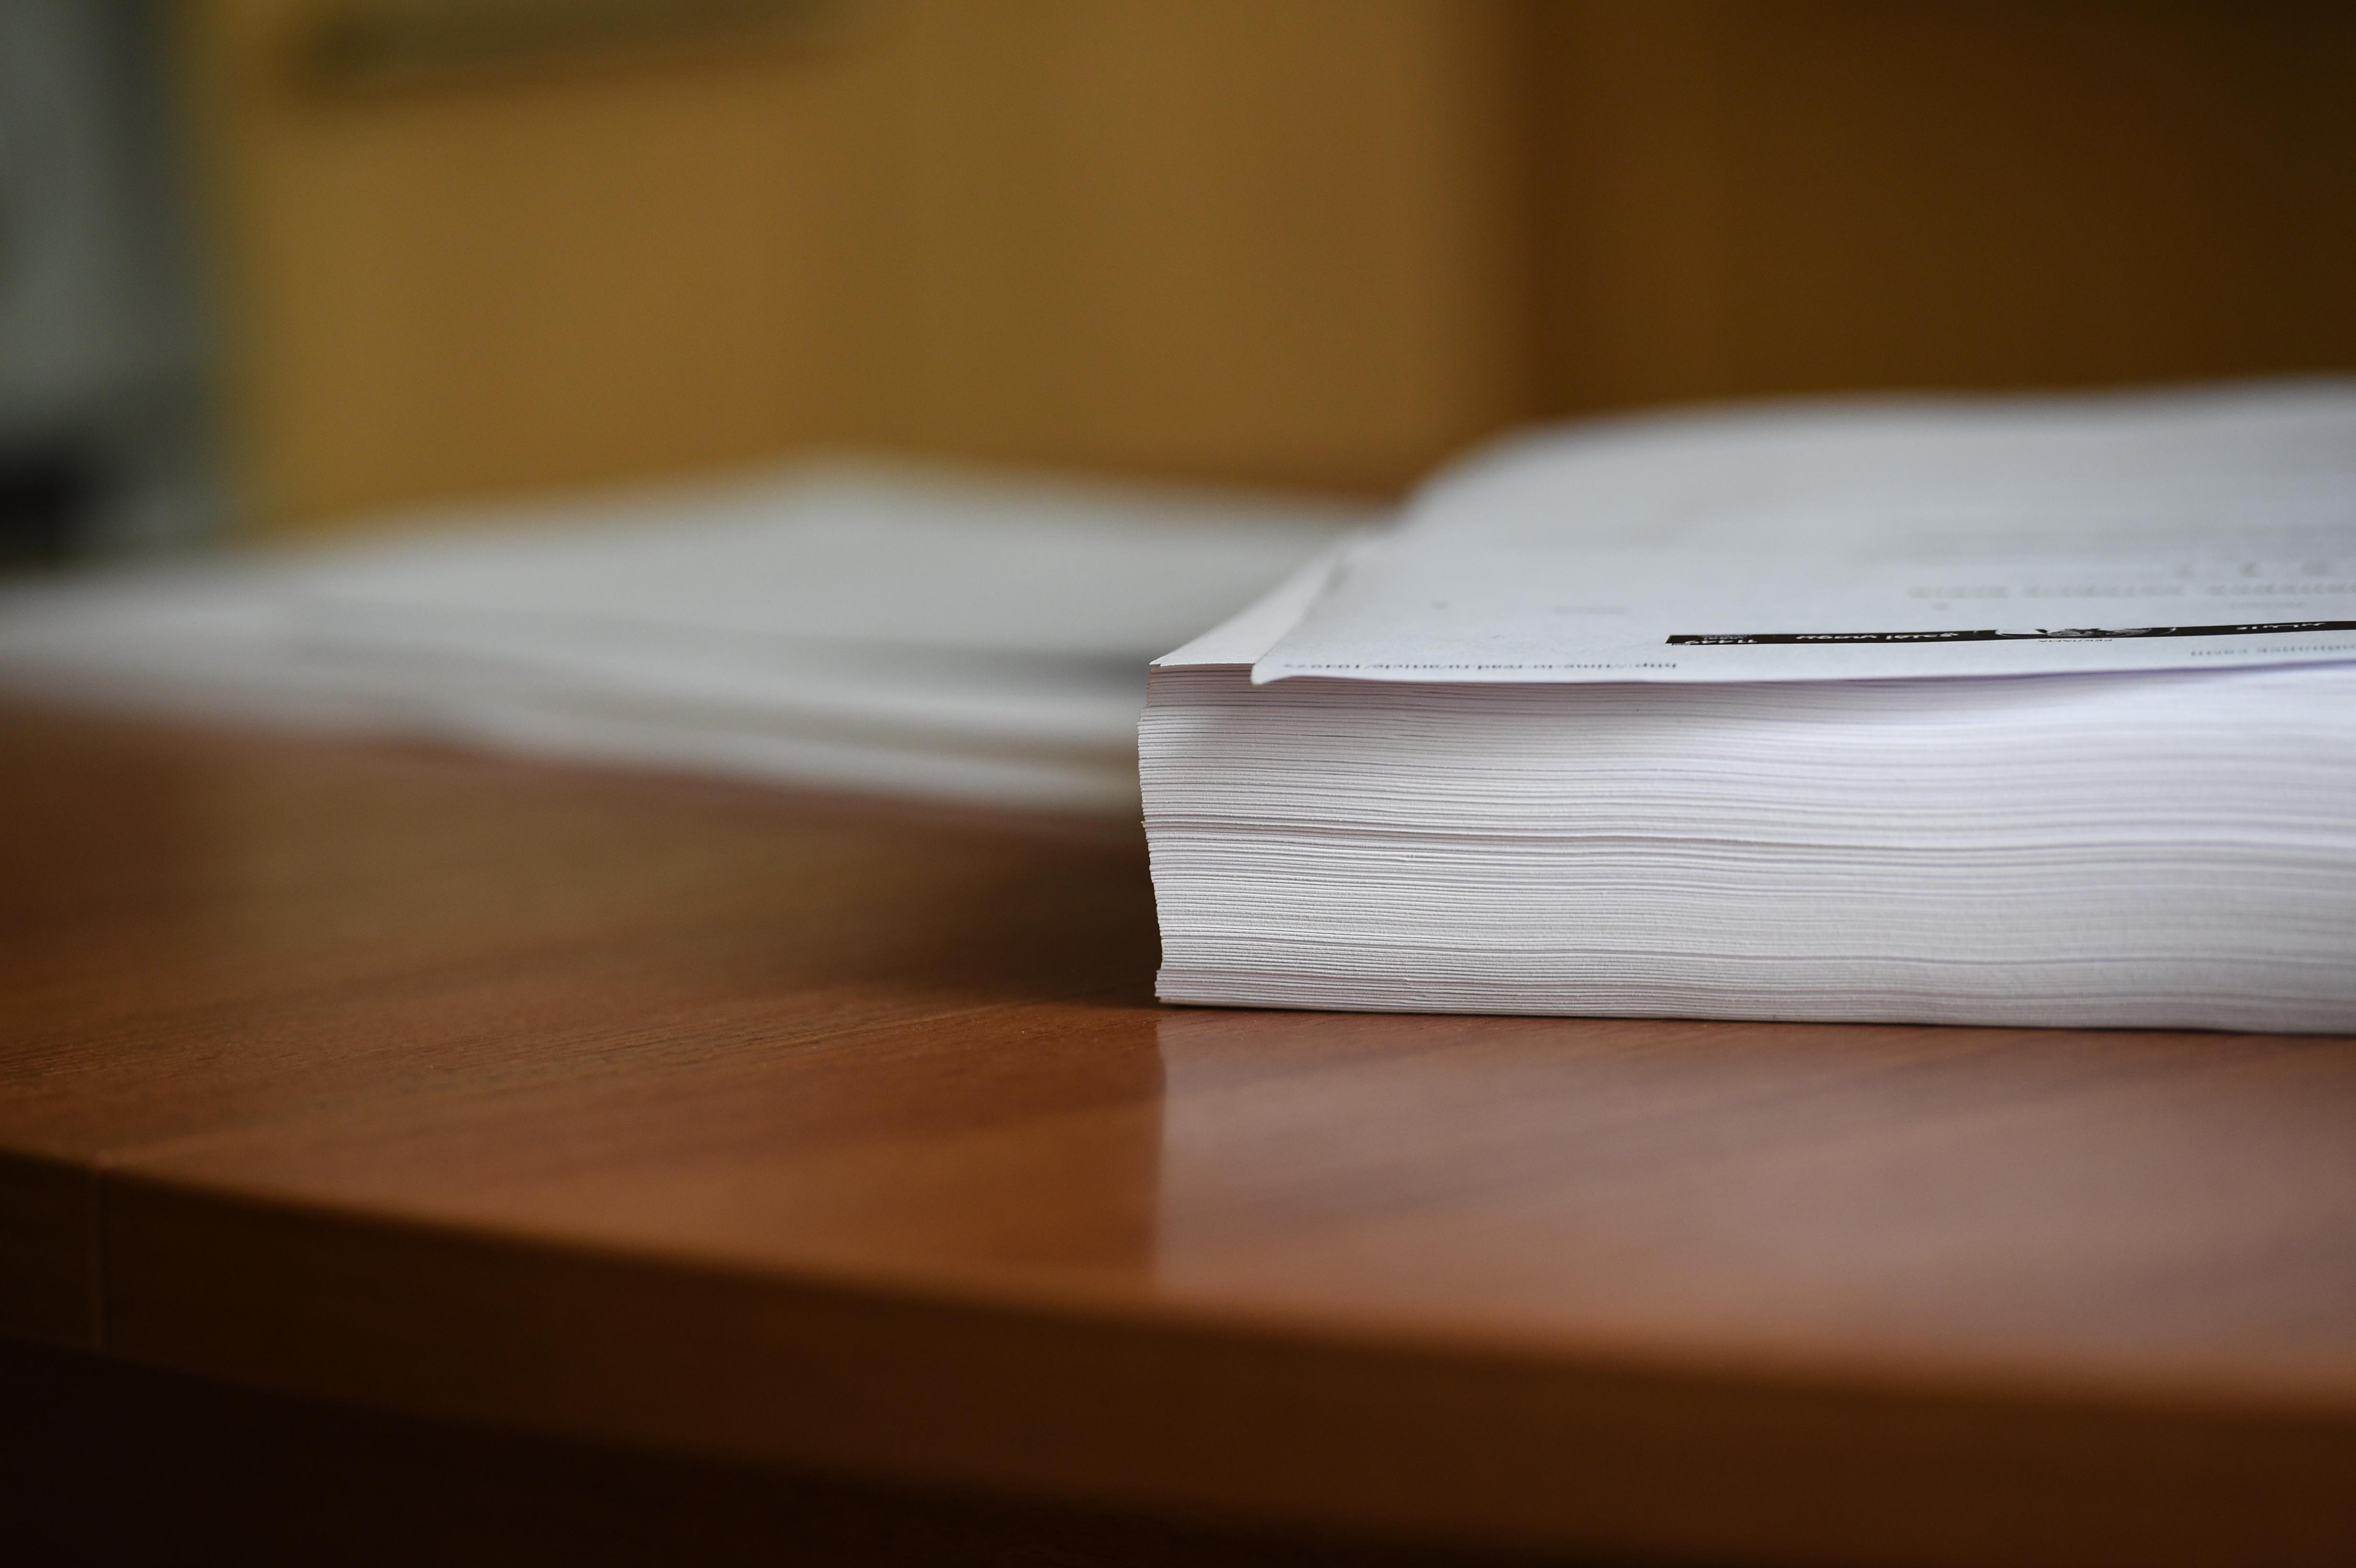 Администрация городского округа Красногорск нарушила правила организации конкурсов